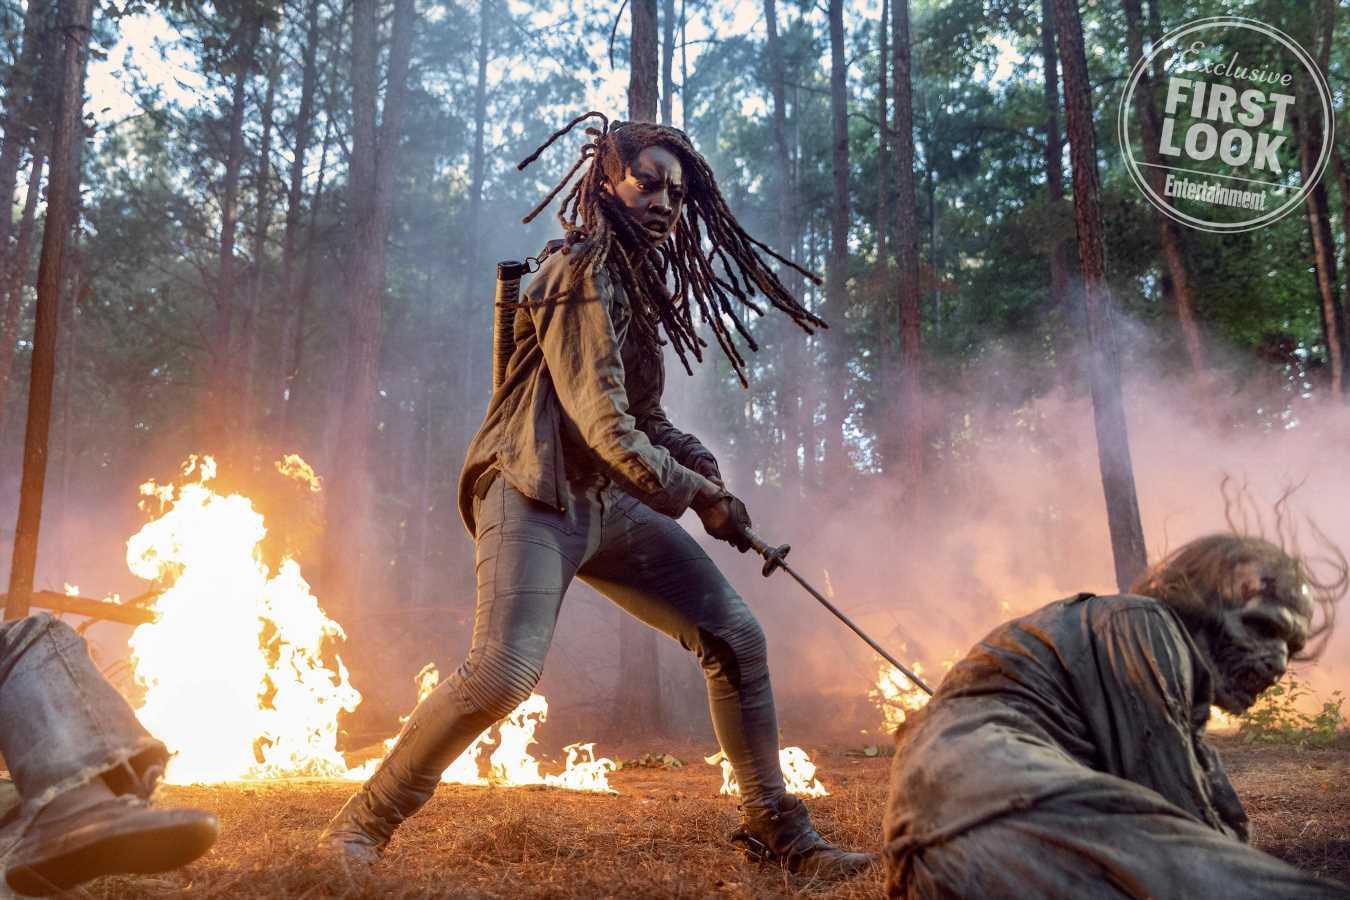 The Walking Dead: Watch the shocking new season 10 trailer